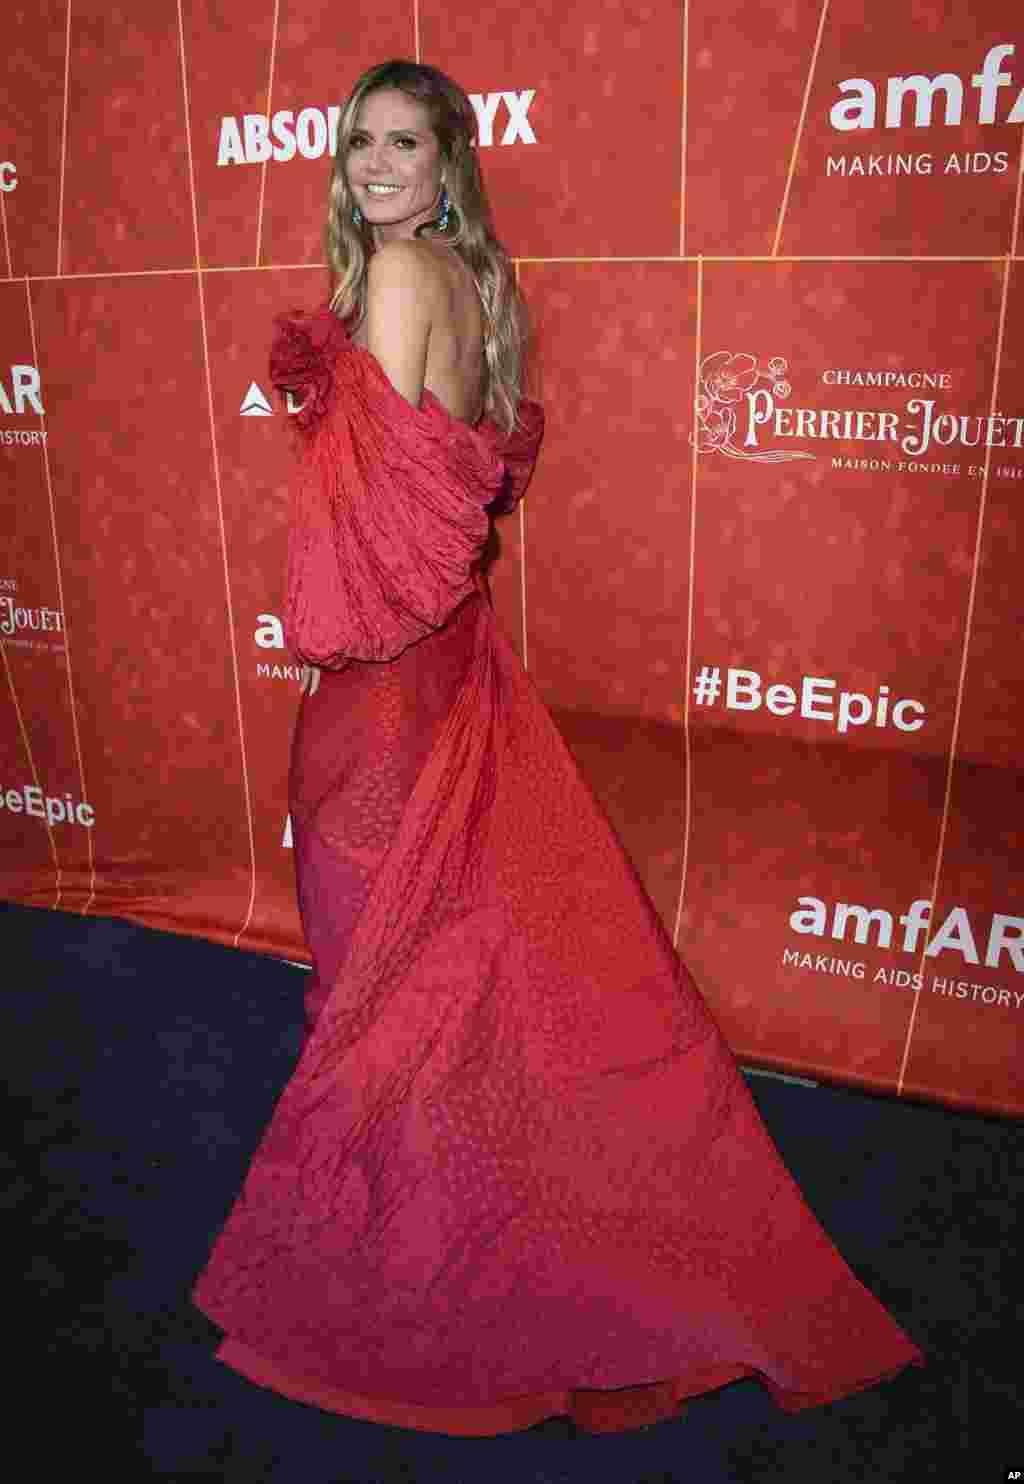 حضور «هایدی کلوم» سوپر مدل آلمانی تبار در جشن «آمفار» در منطقه بورلی هیلز کالیفرنیا. آمفار یک گروه بین المللی غیرانتفاعی است که بر تحقیق، آموزش و مبارزه با بیماری ایدز تمرکز دارد